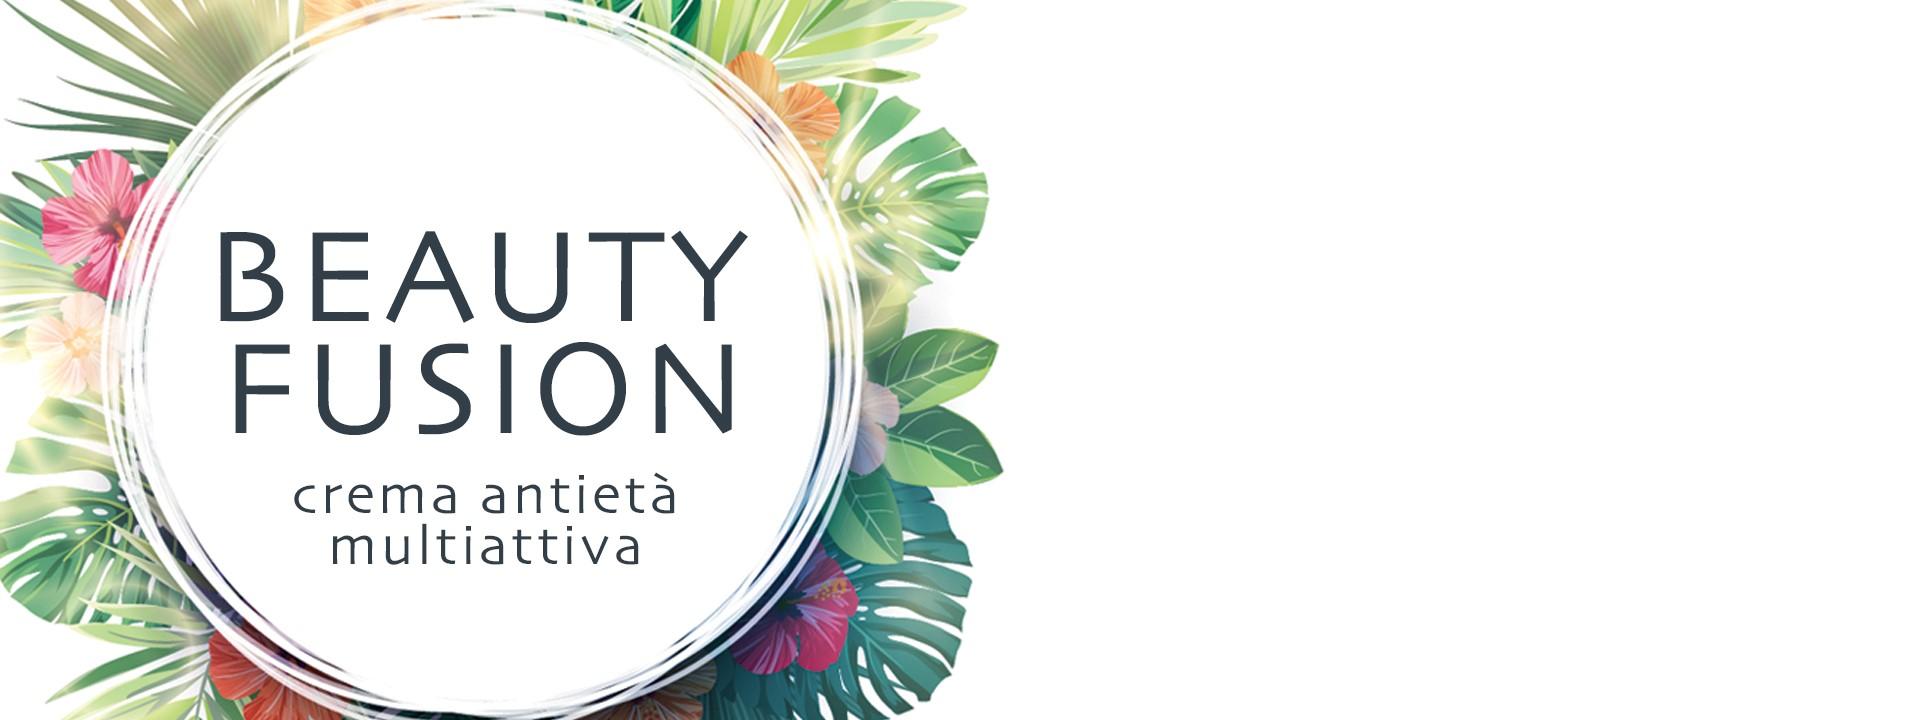 Nuova limited edition per l'estate